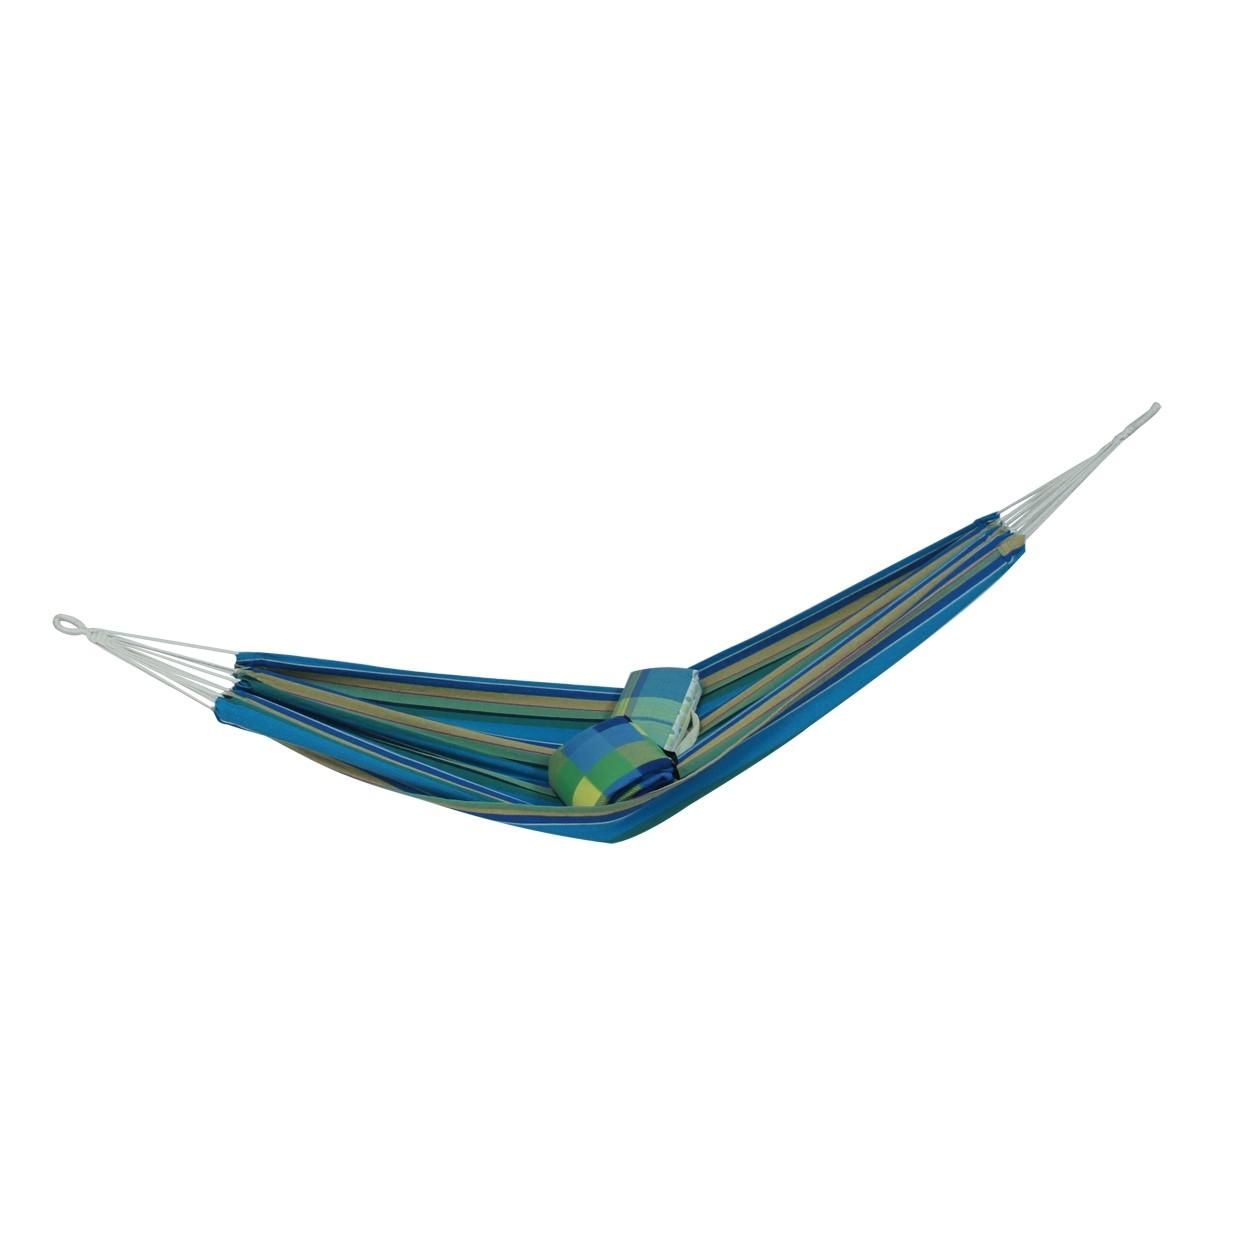 Dedeman Hamac D60002 Albastru Cu Dungi 100 X 200 Cm Dedicat Planurilor Tale